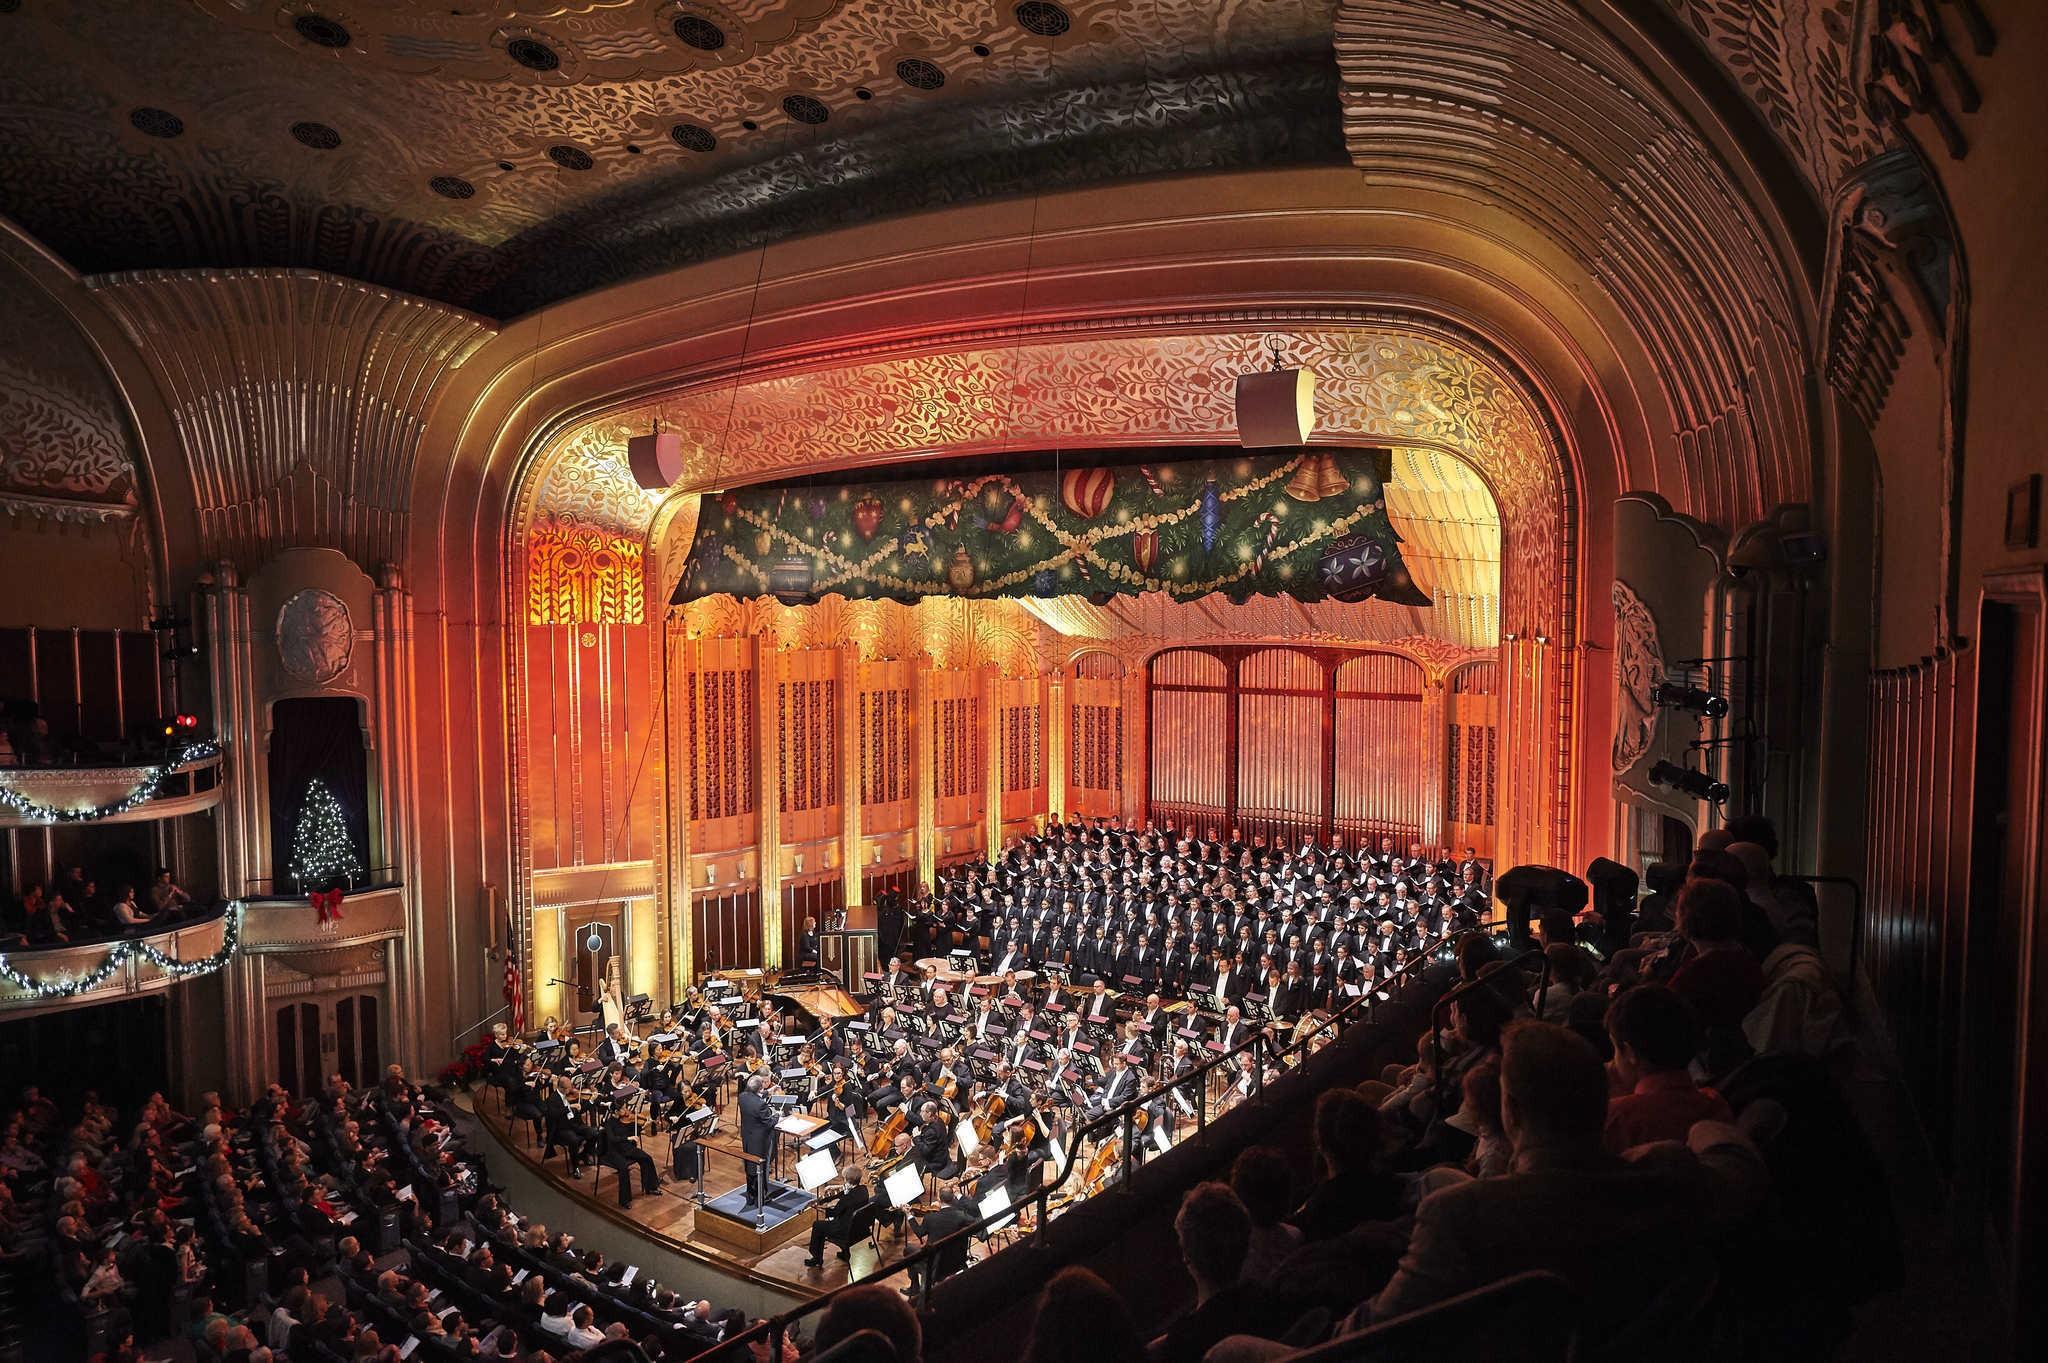 Cleveland Orchestra Christmas Concert 2021 Jamie Farr Joins Cast Of Cleveland Orchestra Christmas Concerts Cleveland Com